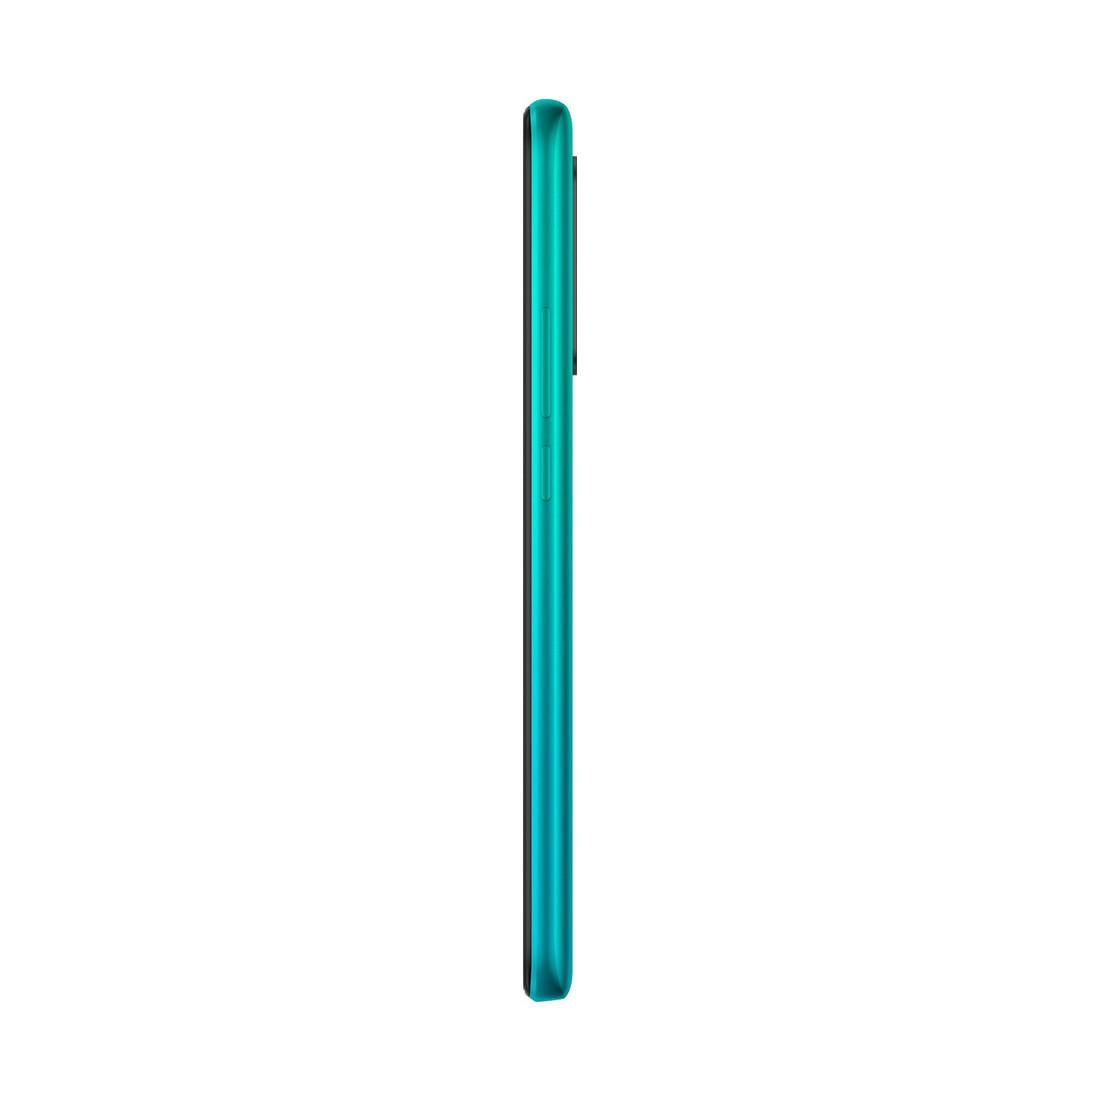 Мобильный телефон Xiaomi Redmi 9 64GB Ocean Green - фото 3